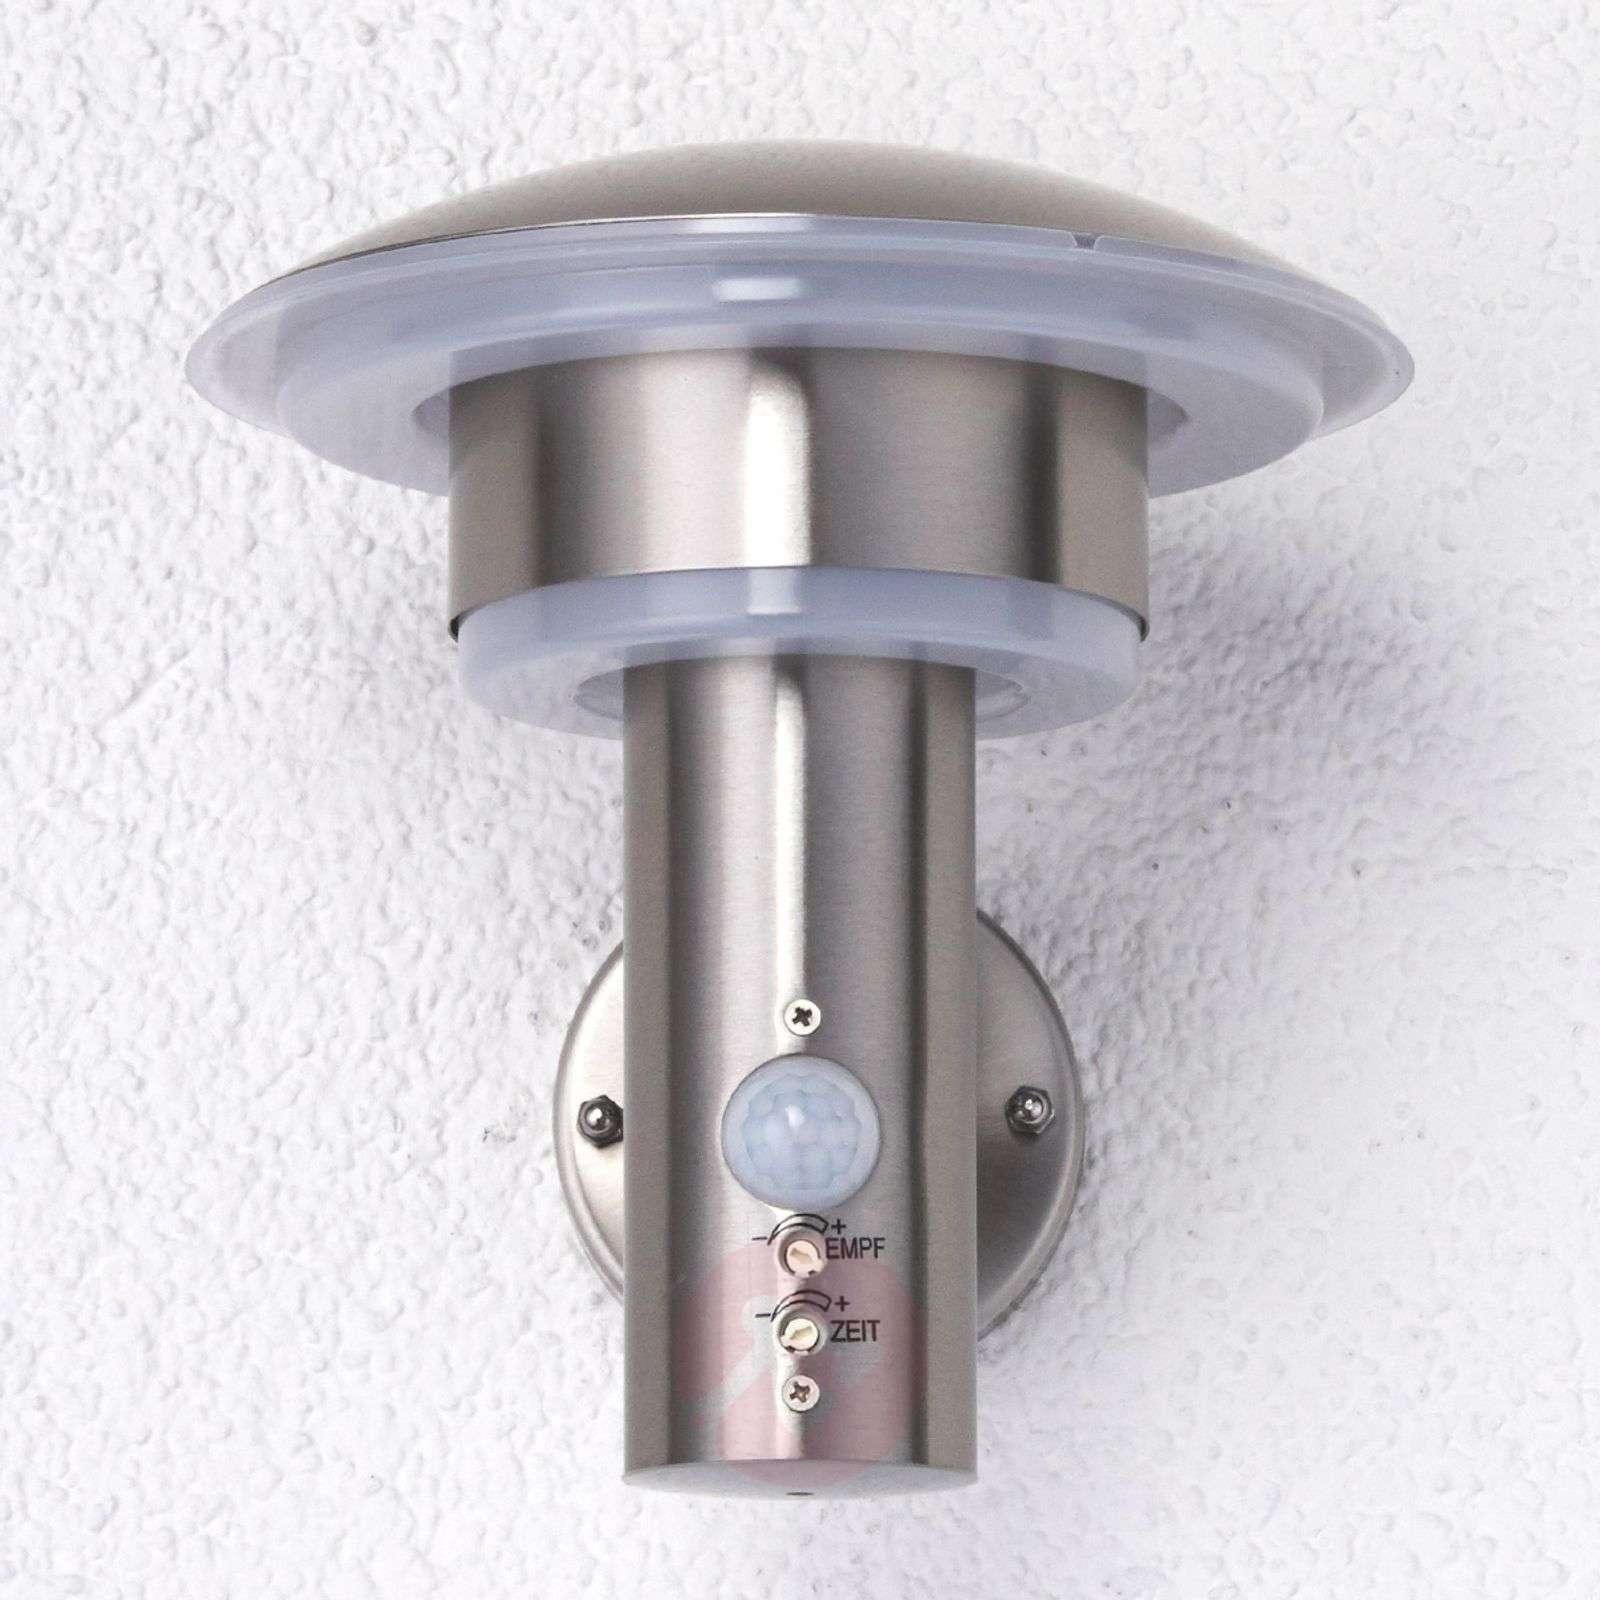 LED-ulkoseinävalaisin Lillie, materiaali PIR-9988018-01